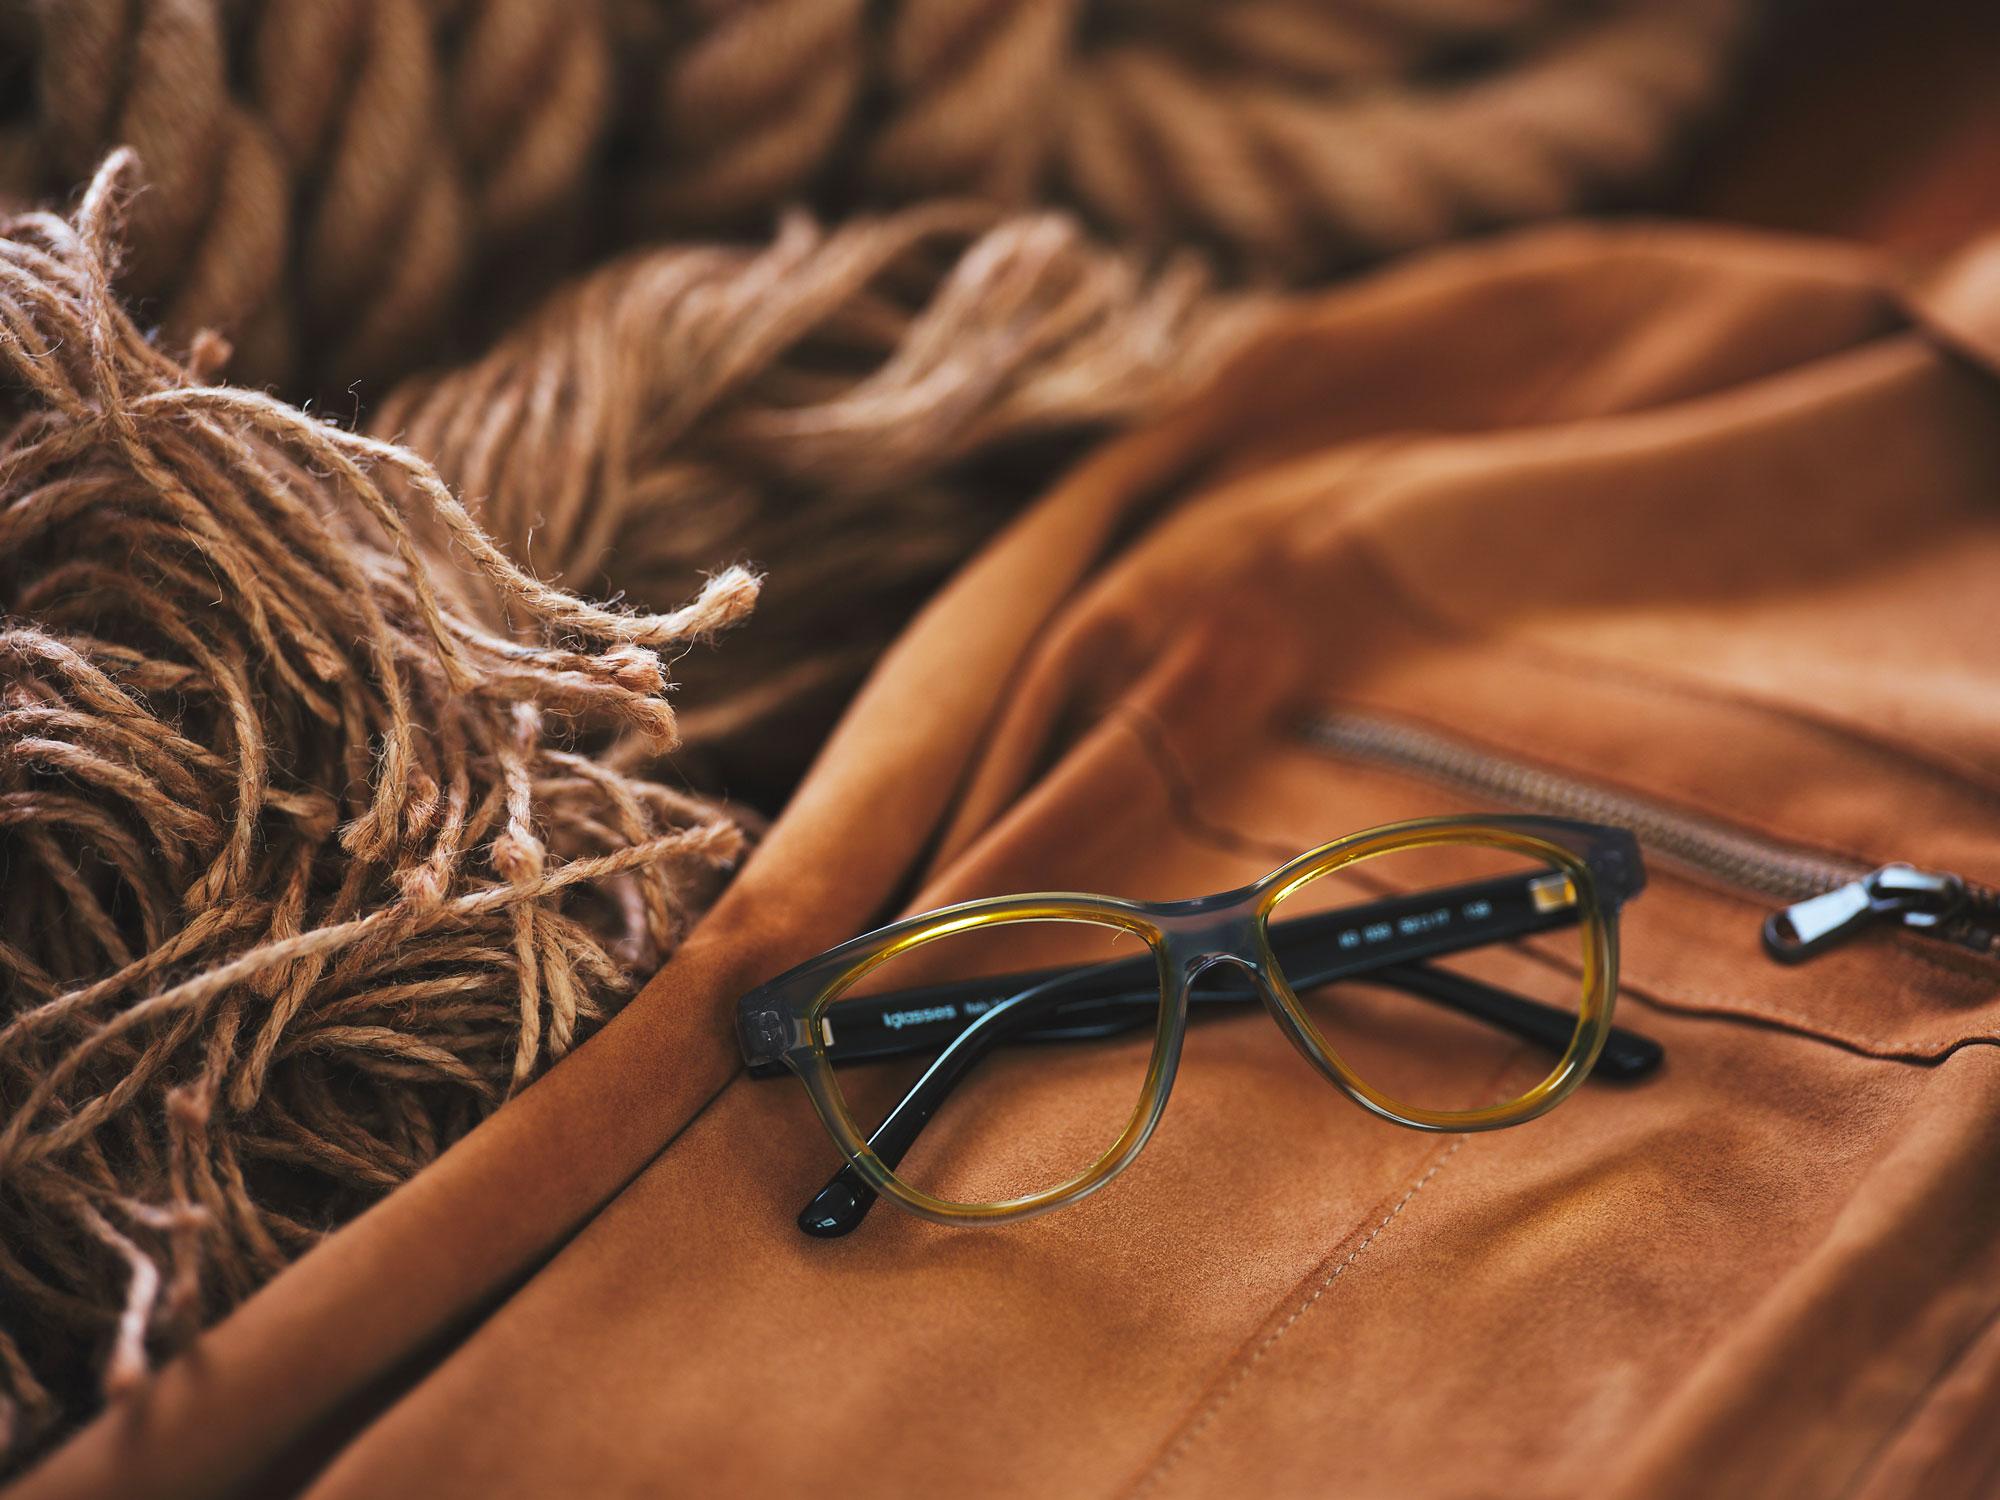 Sviluppo-portale-ordini-online-occhiali